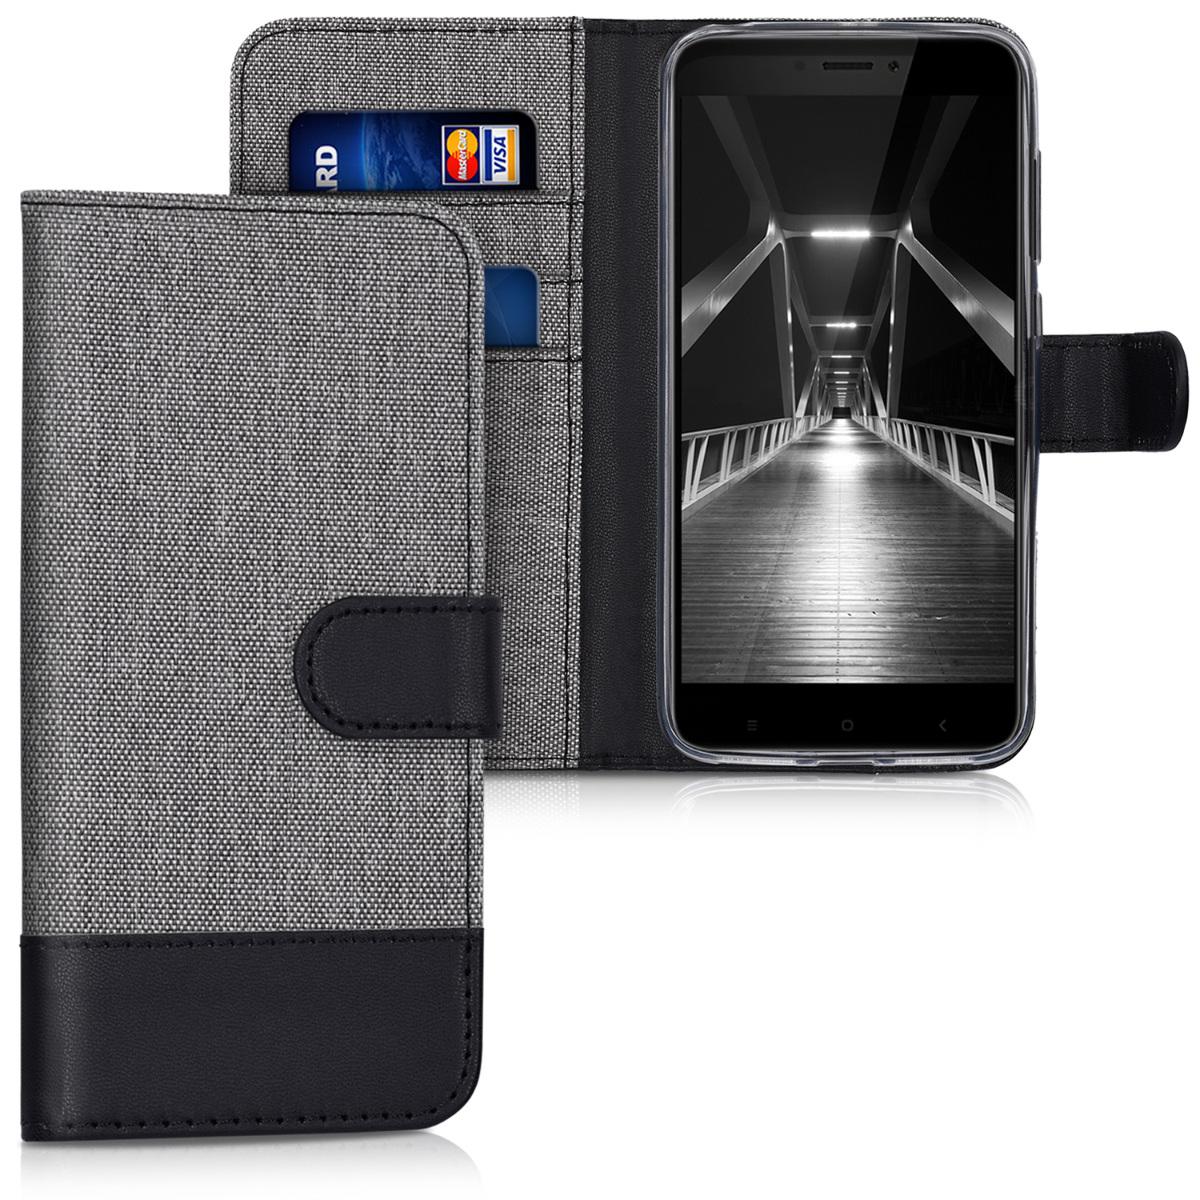 KW Θήκη - Πορτοφόλι Xiaomi Redmi 4X - Grey / Black (42617.22)